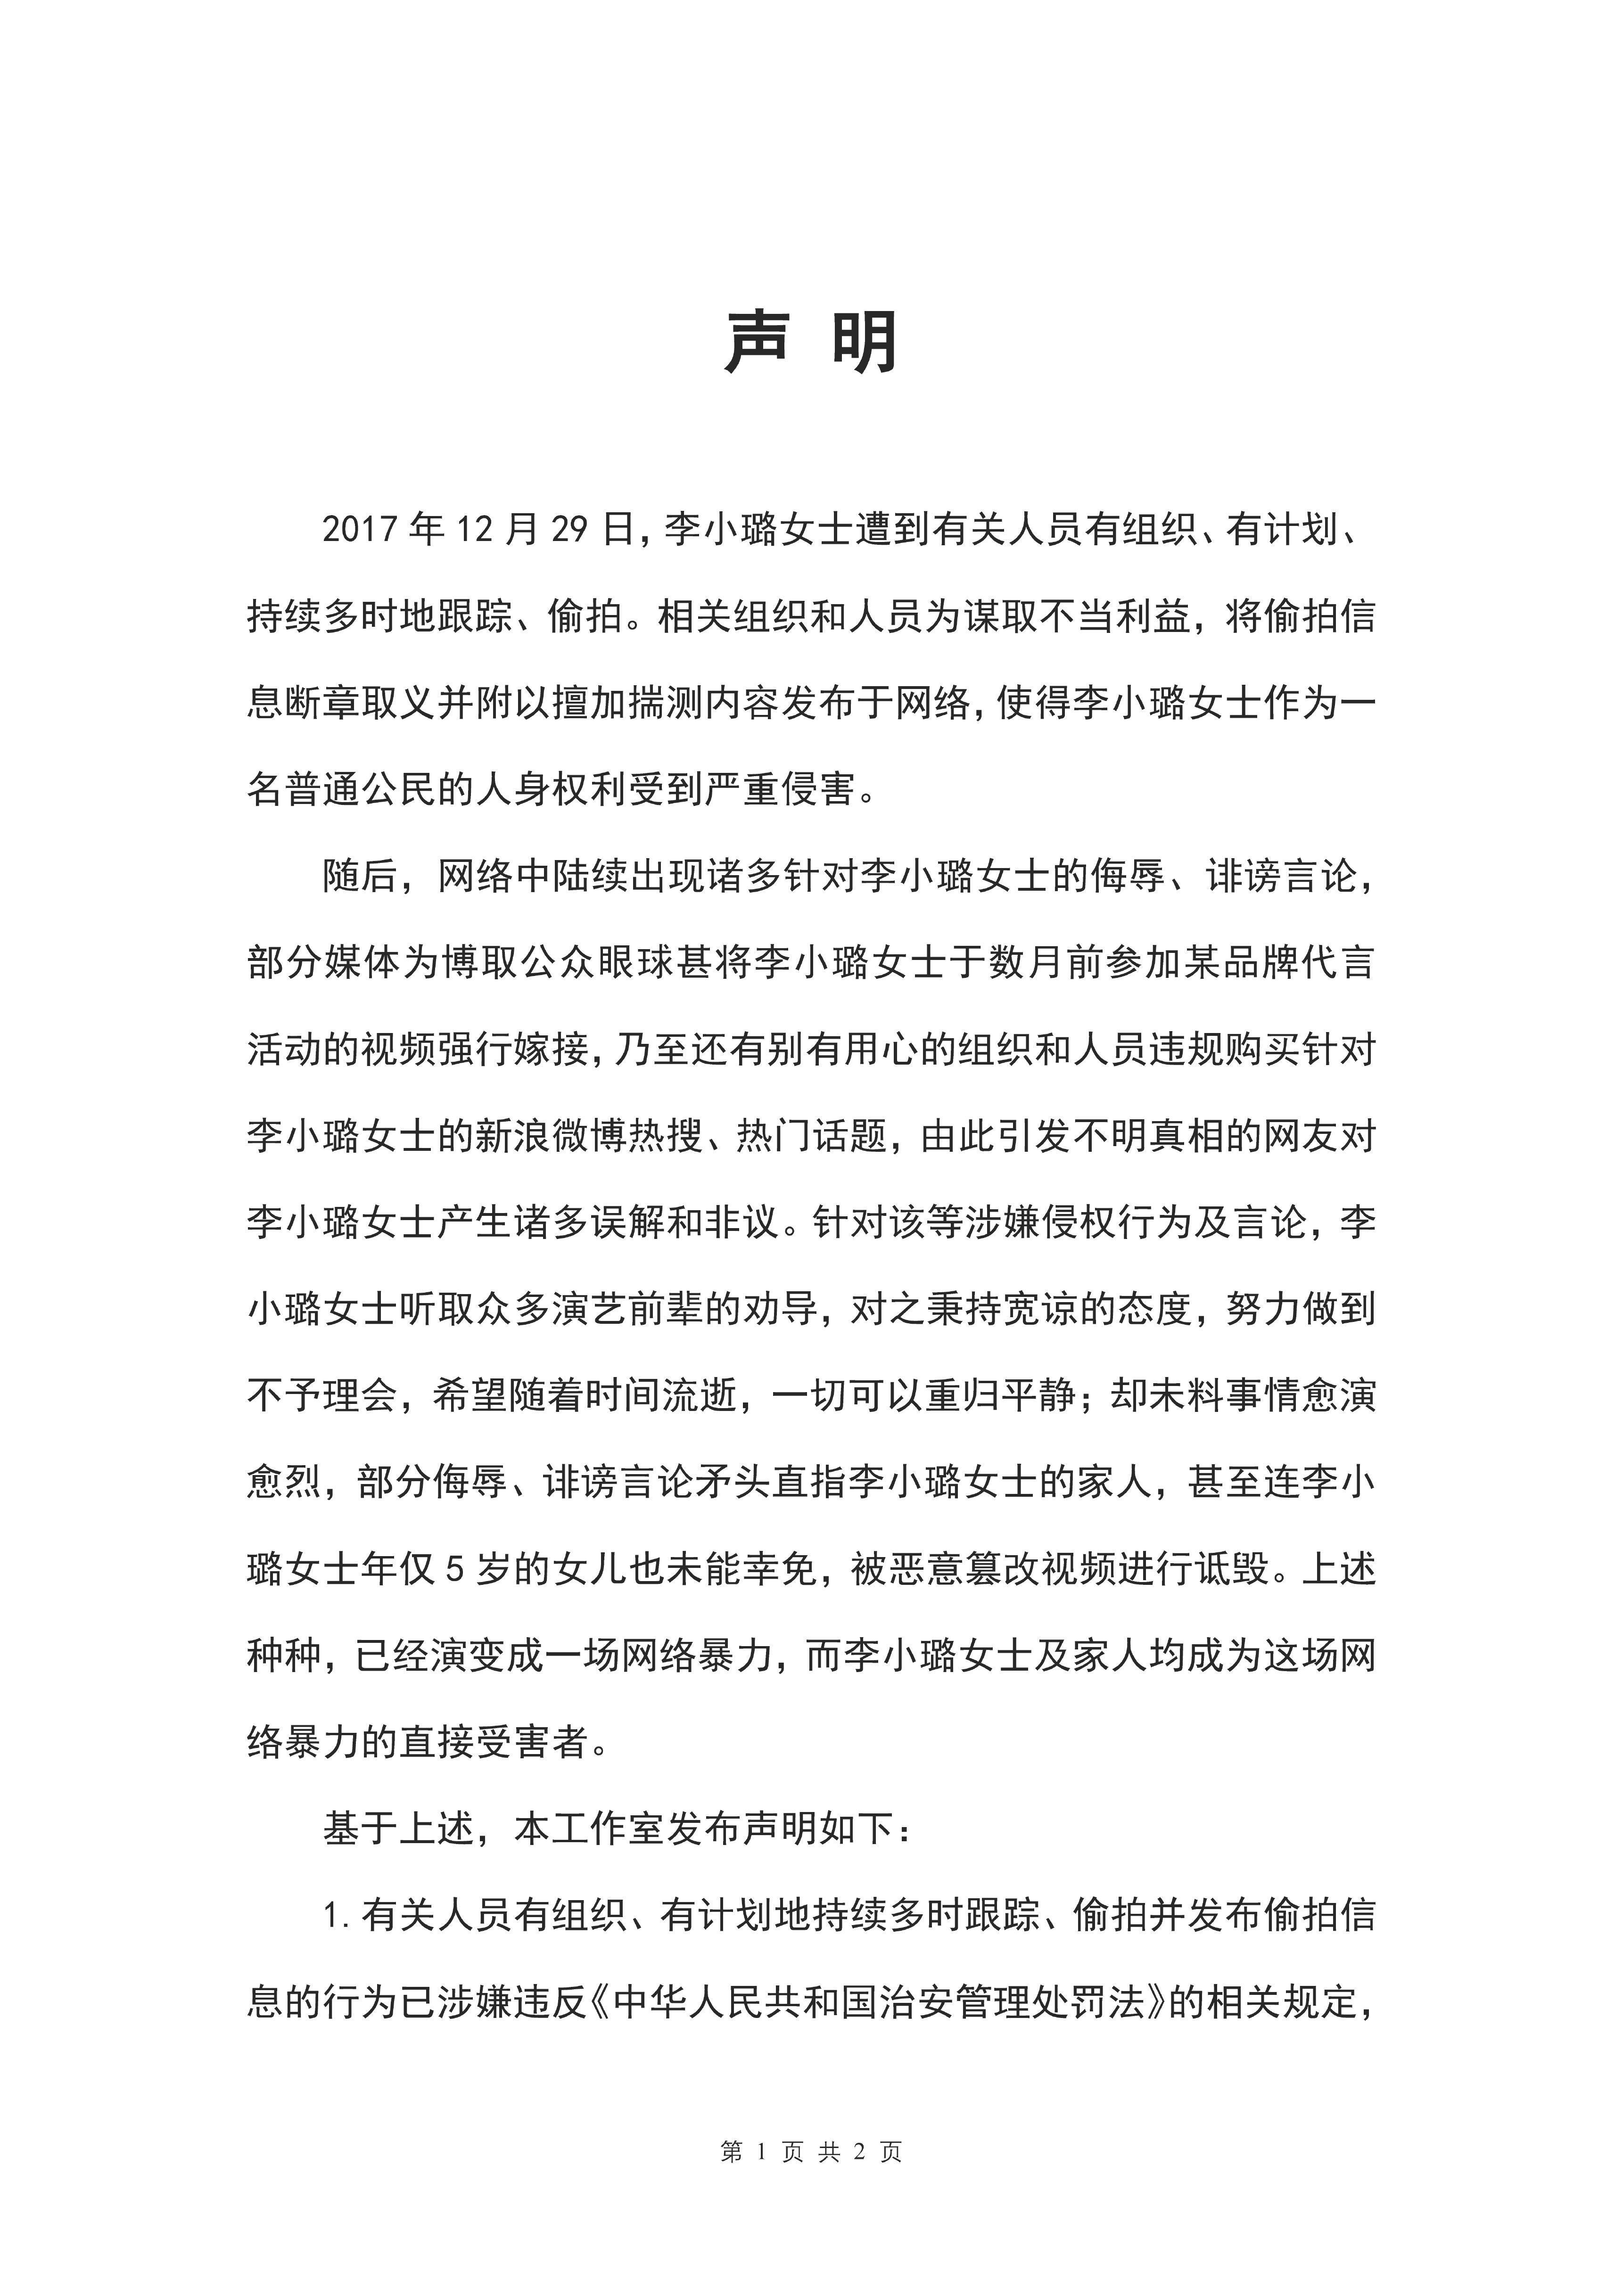 李小璐发声维权:夜宿视频是遭预谋偷拍 断章取义